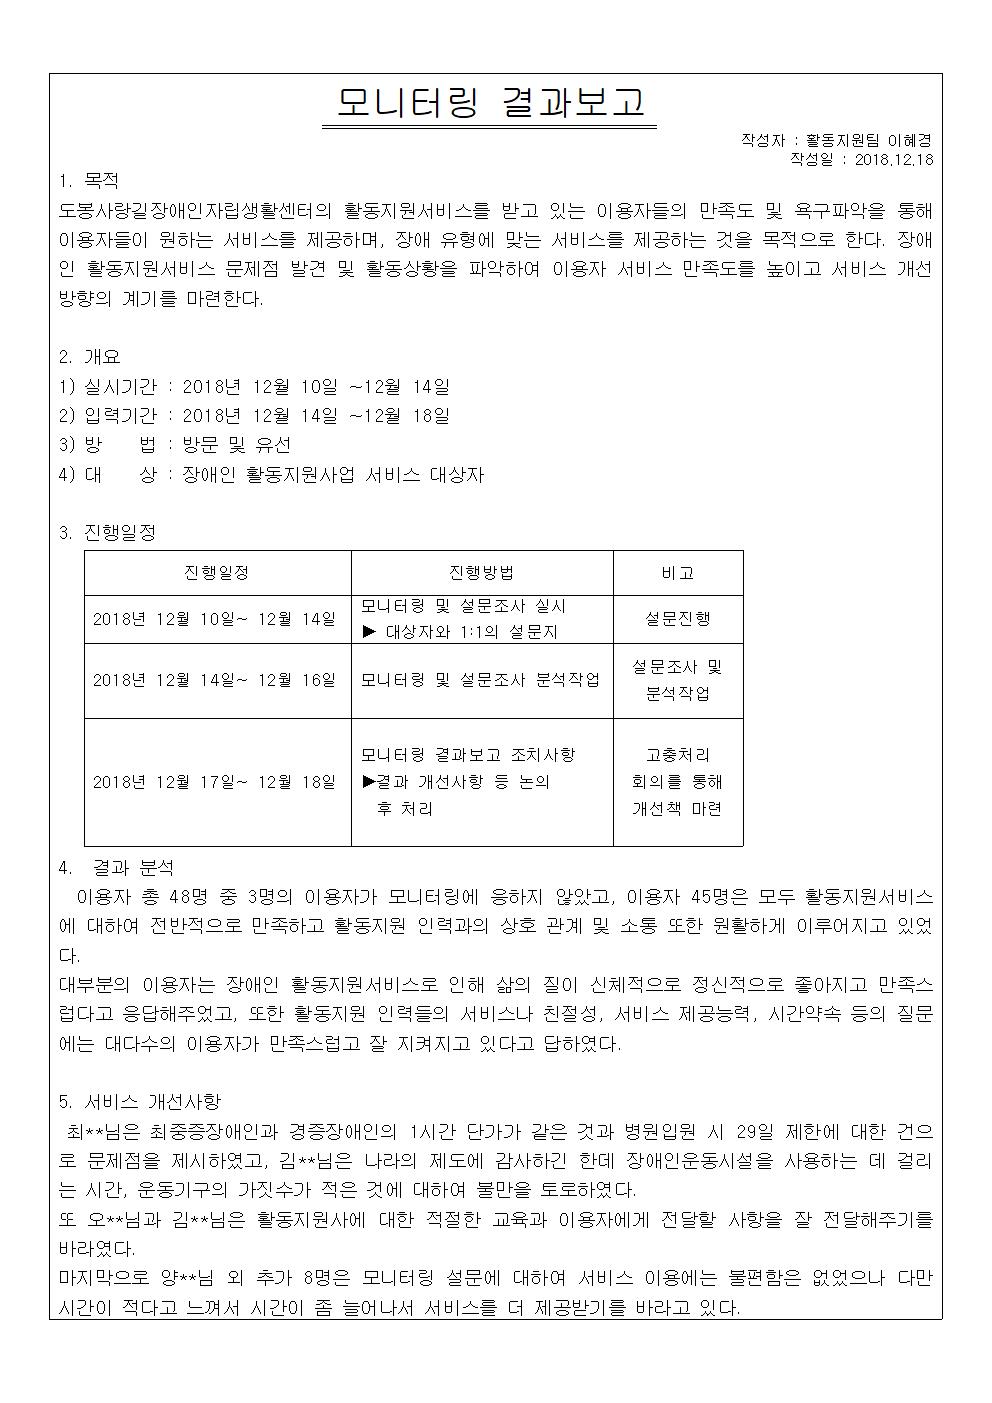 2018년 2차 모니터링결과보고서001.png